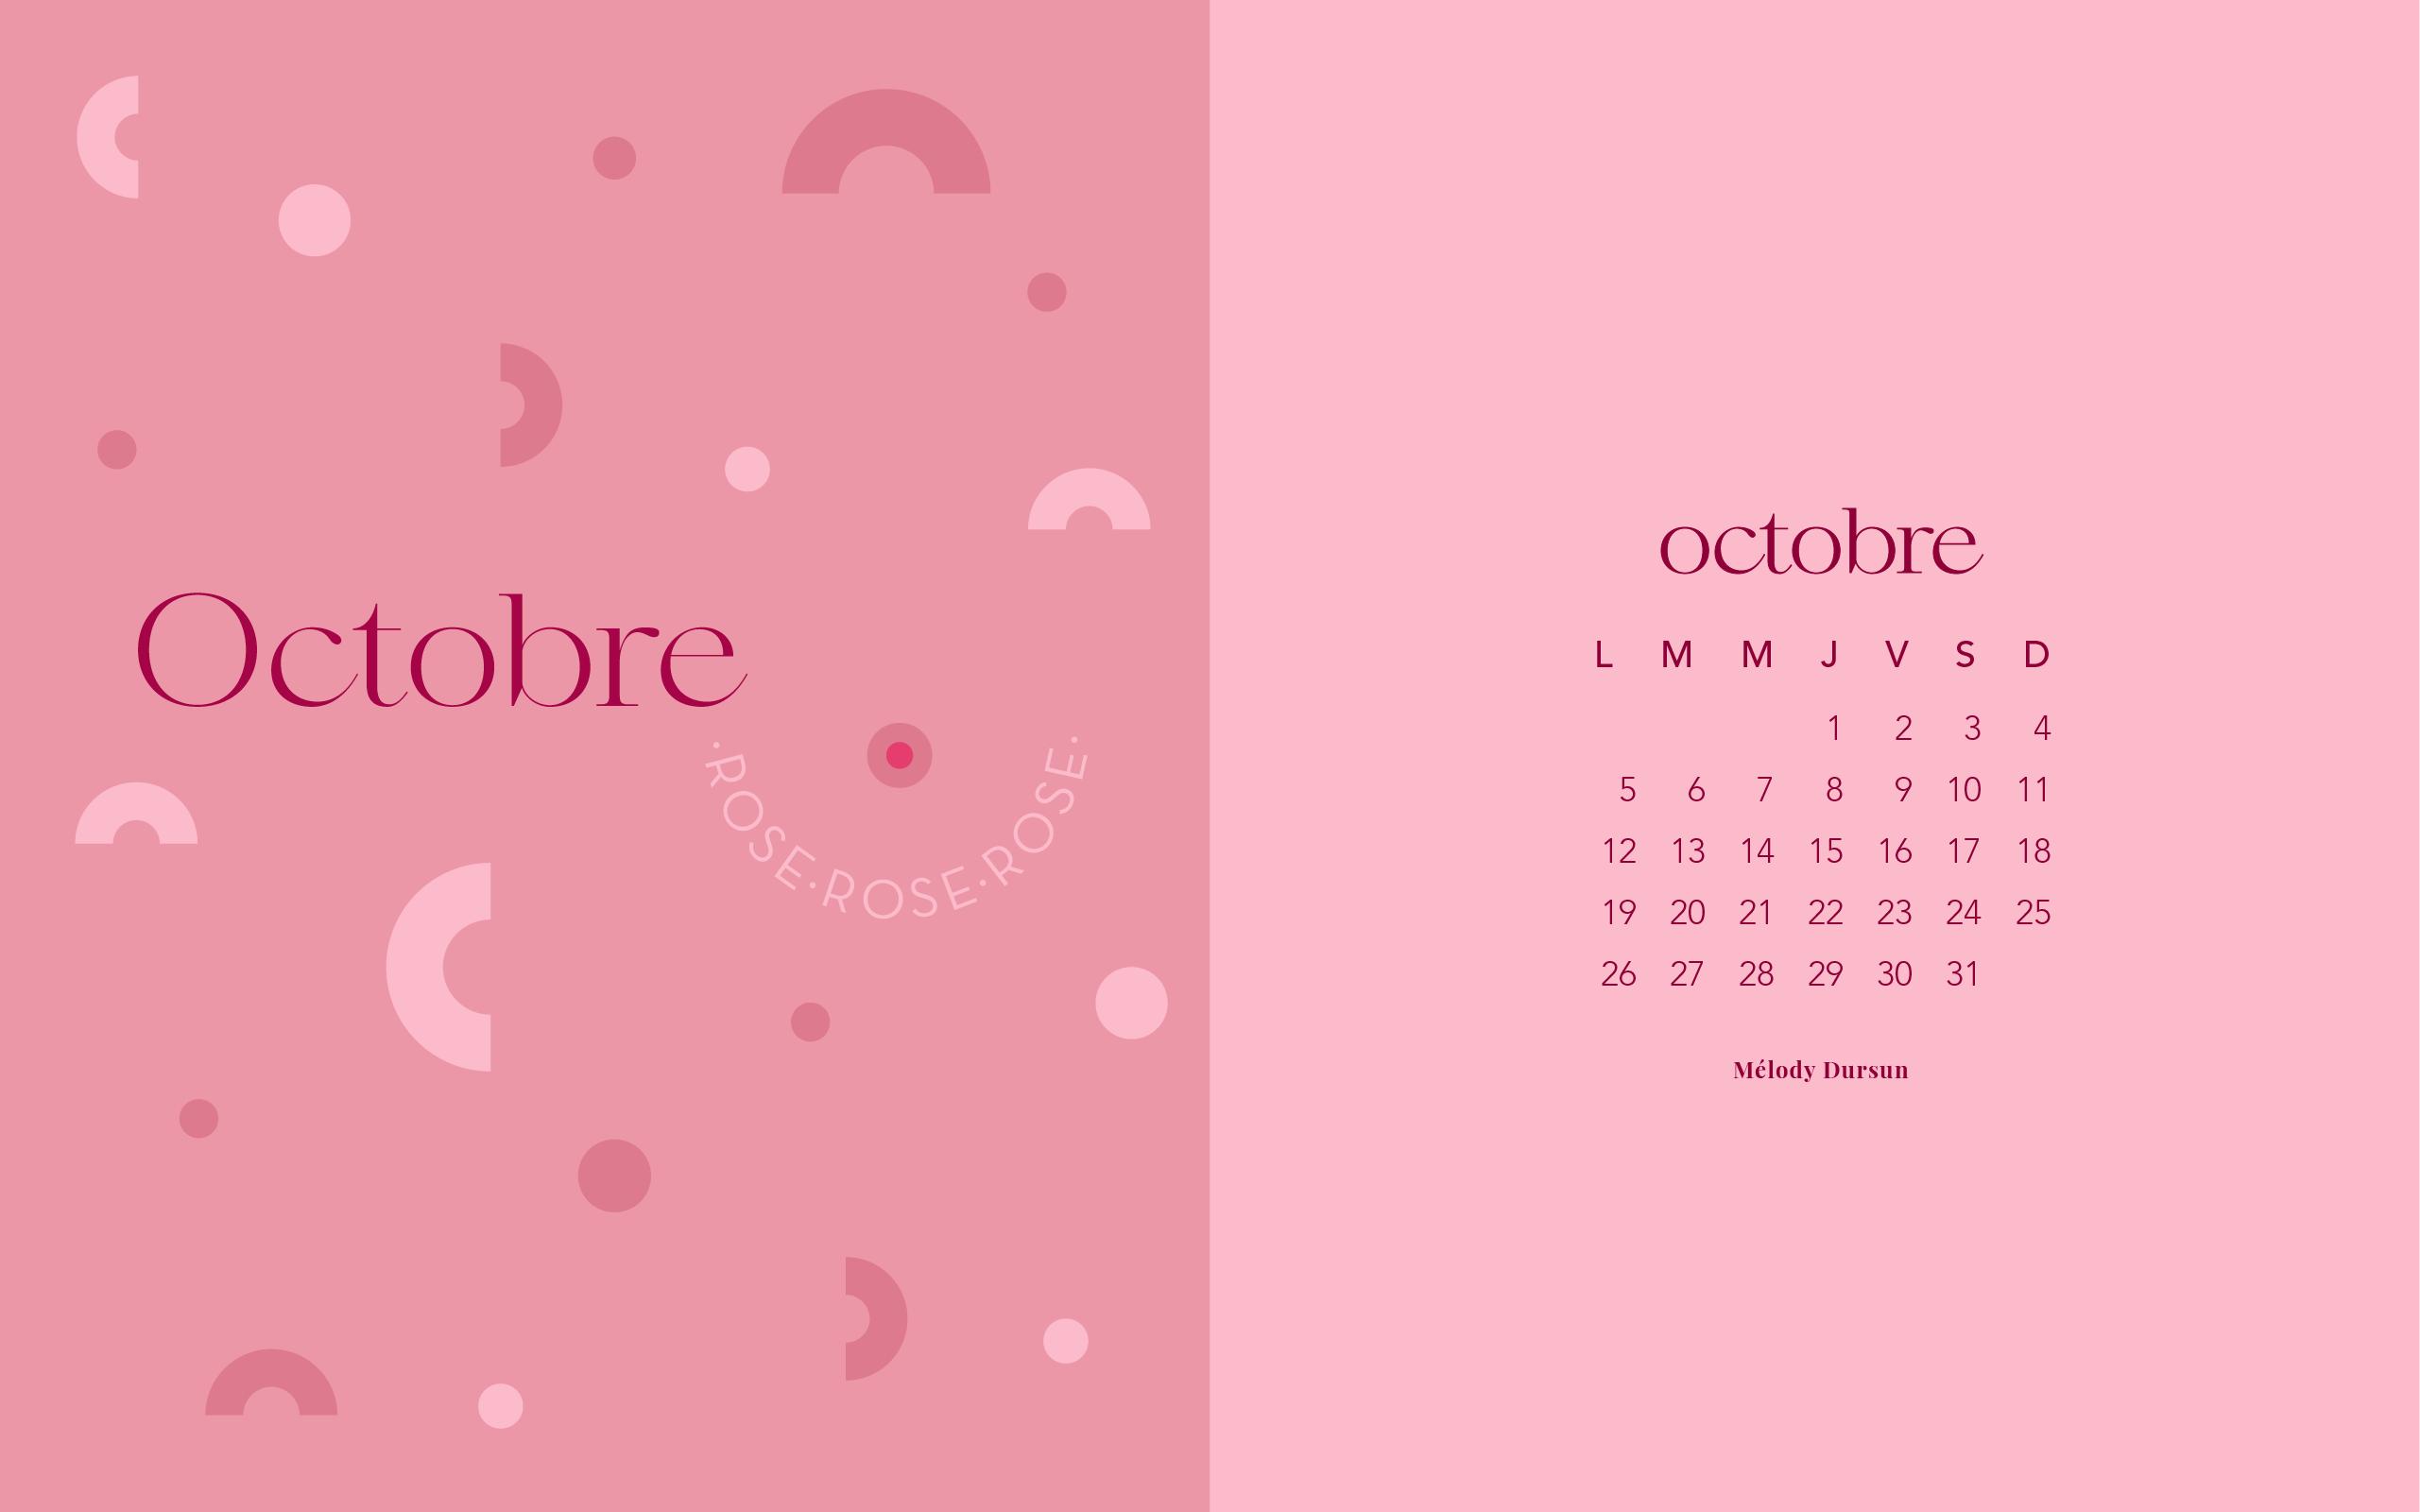 Calendrier & fonds d'écran – Octobre 2020